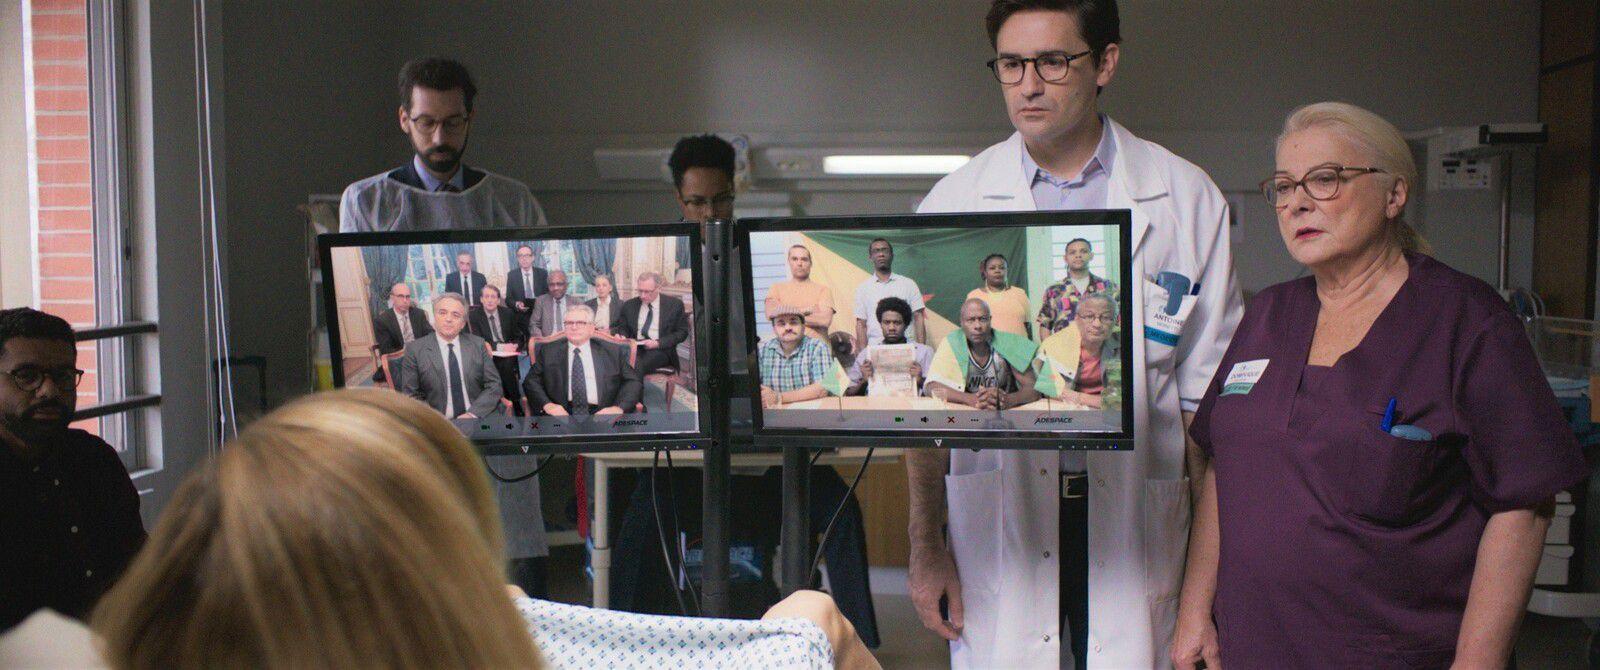 C'EST LA VIE avec Josiane Balasko, Léa Drucker, Youssef Hajdi, Nicolas Maury...au Cinéma le 28 juillet